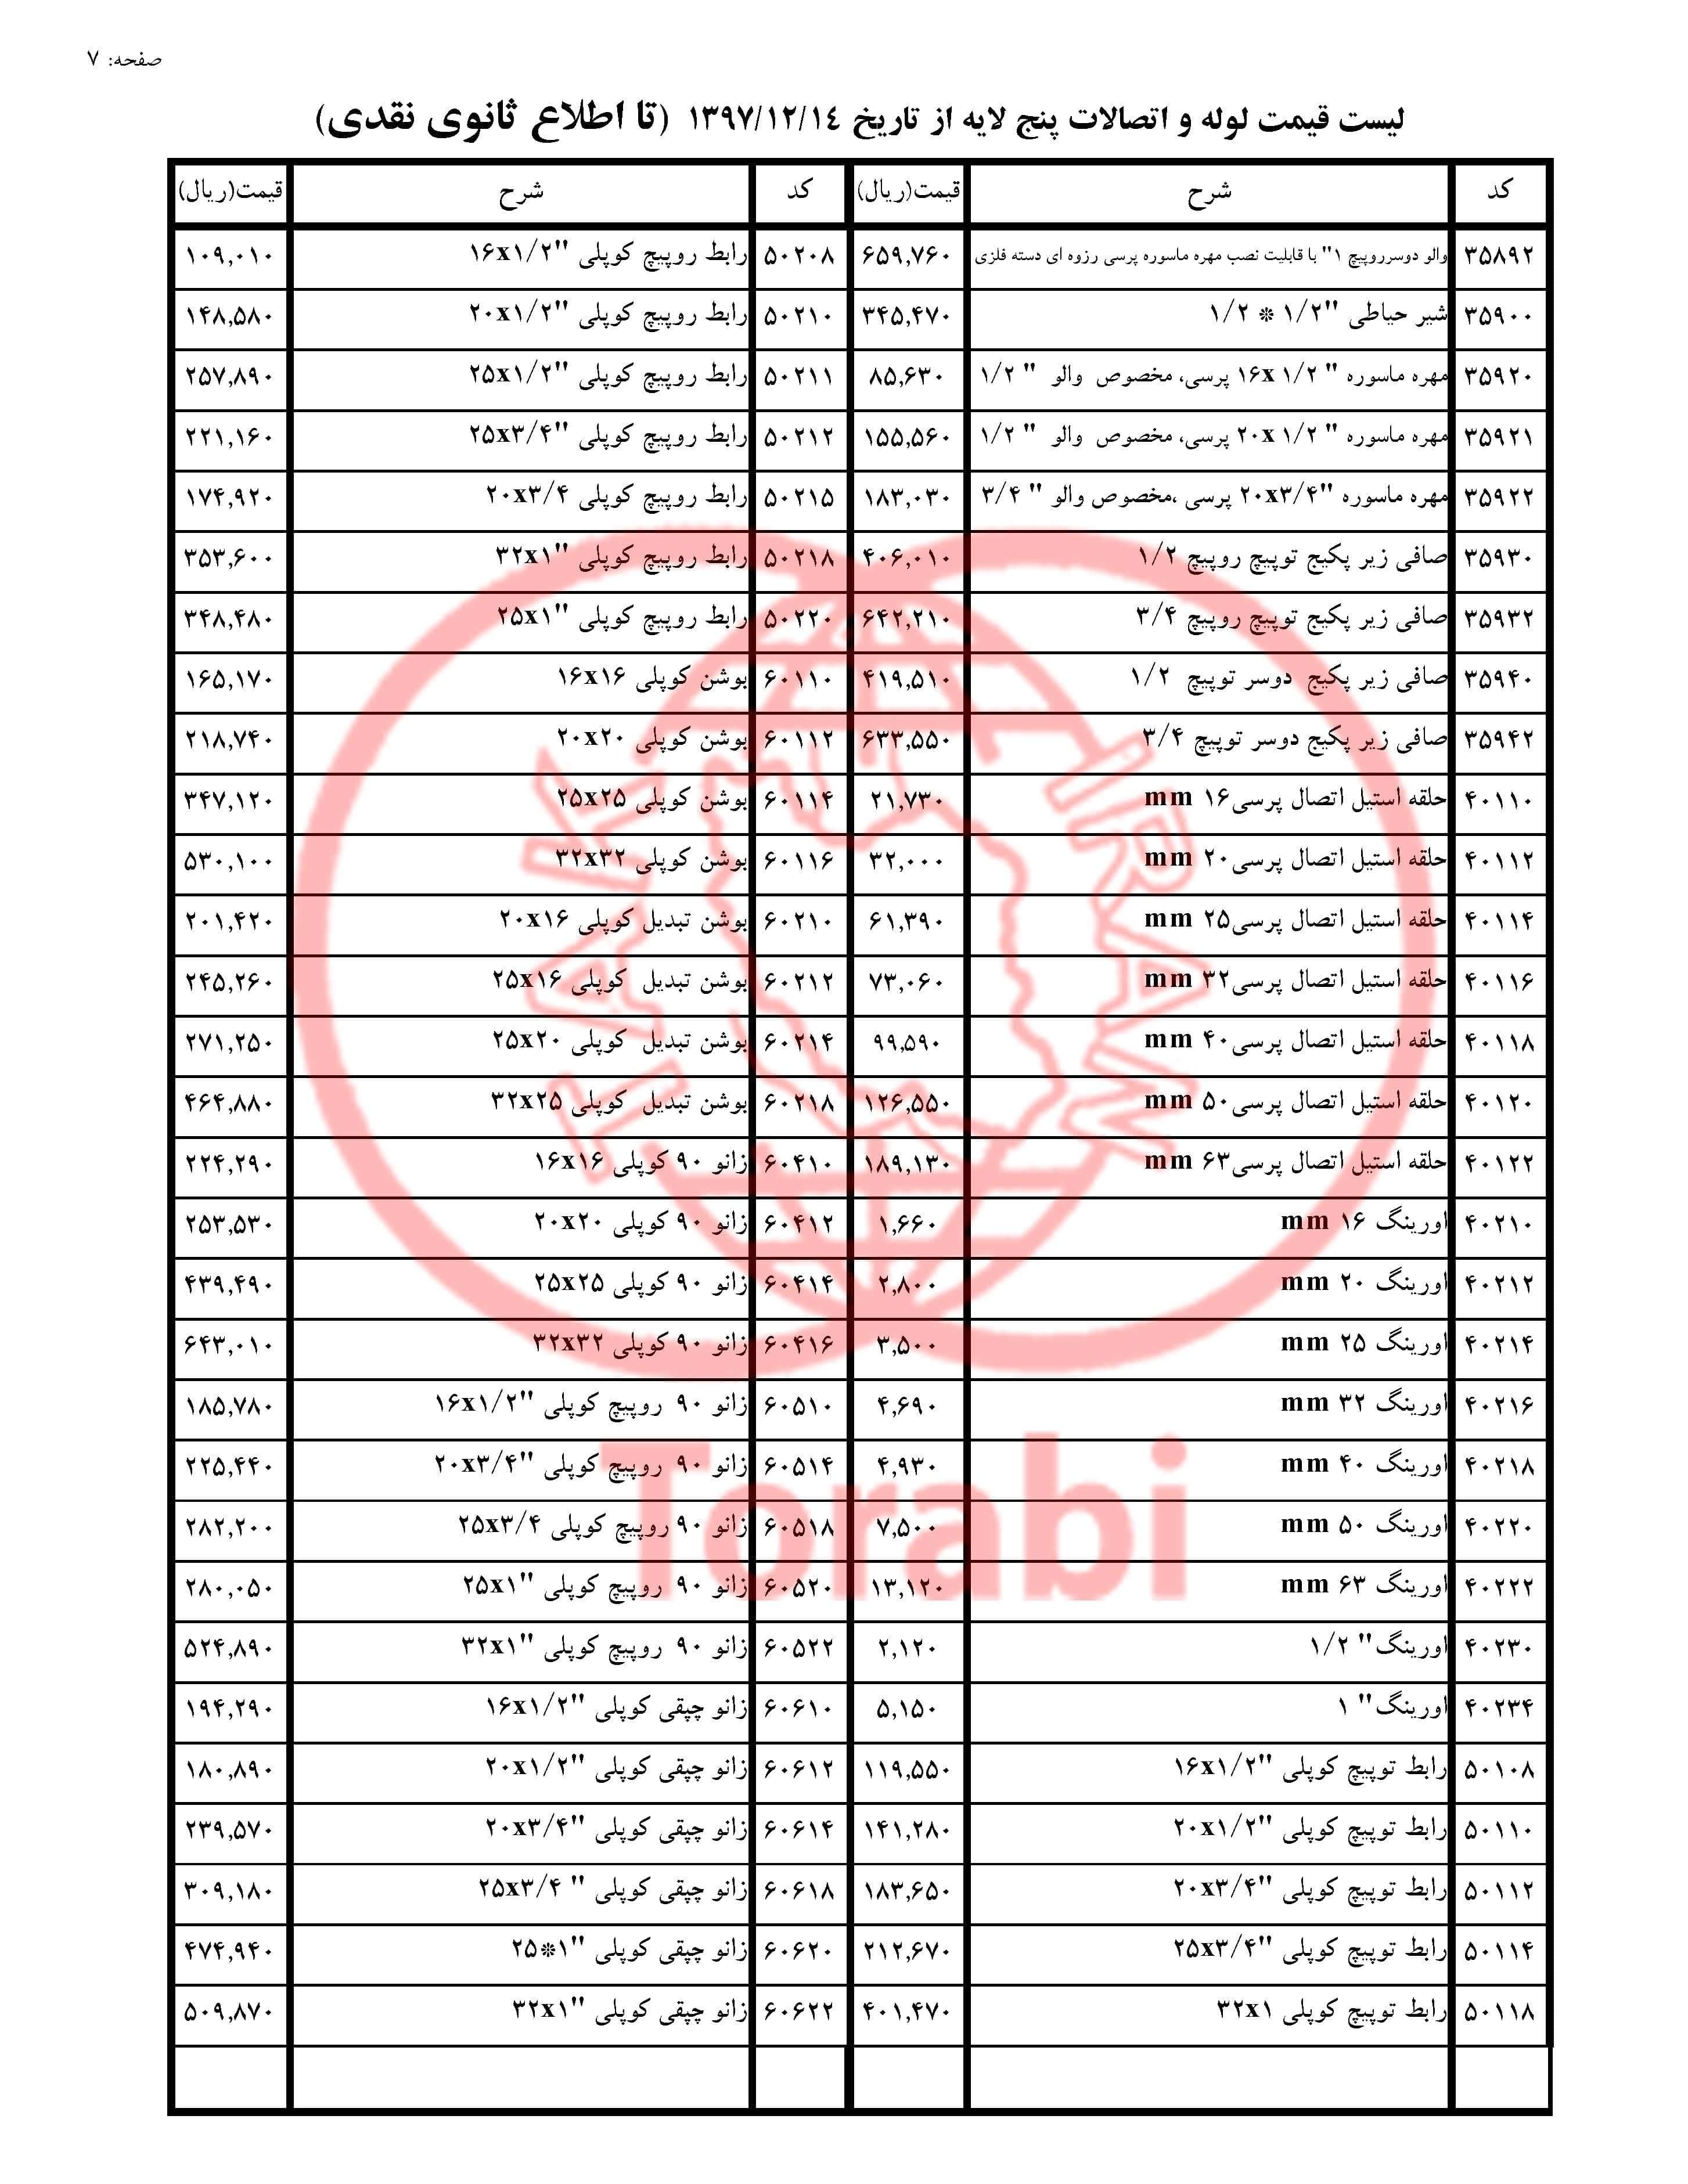 لیست قیمت پنج لایه نیوپایپ 97/12/14 صفحه 7